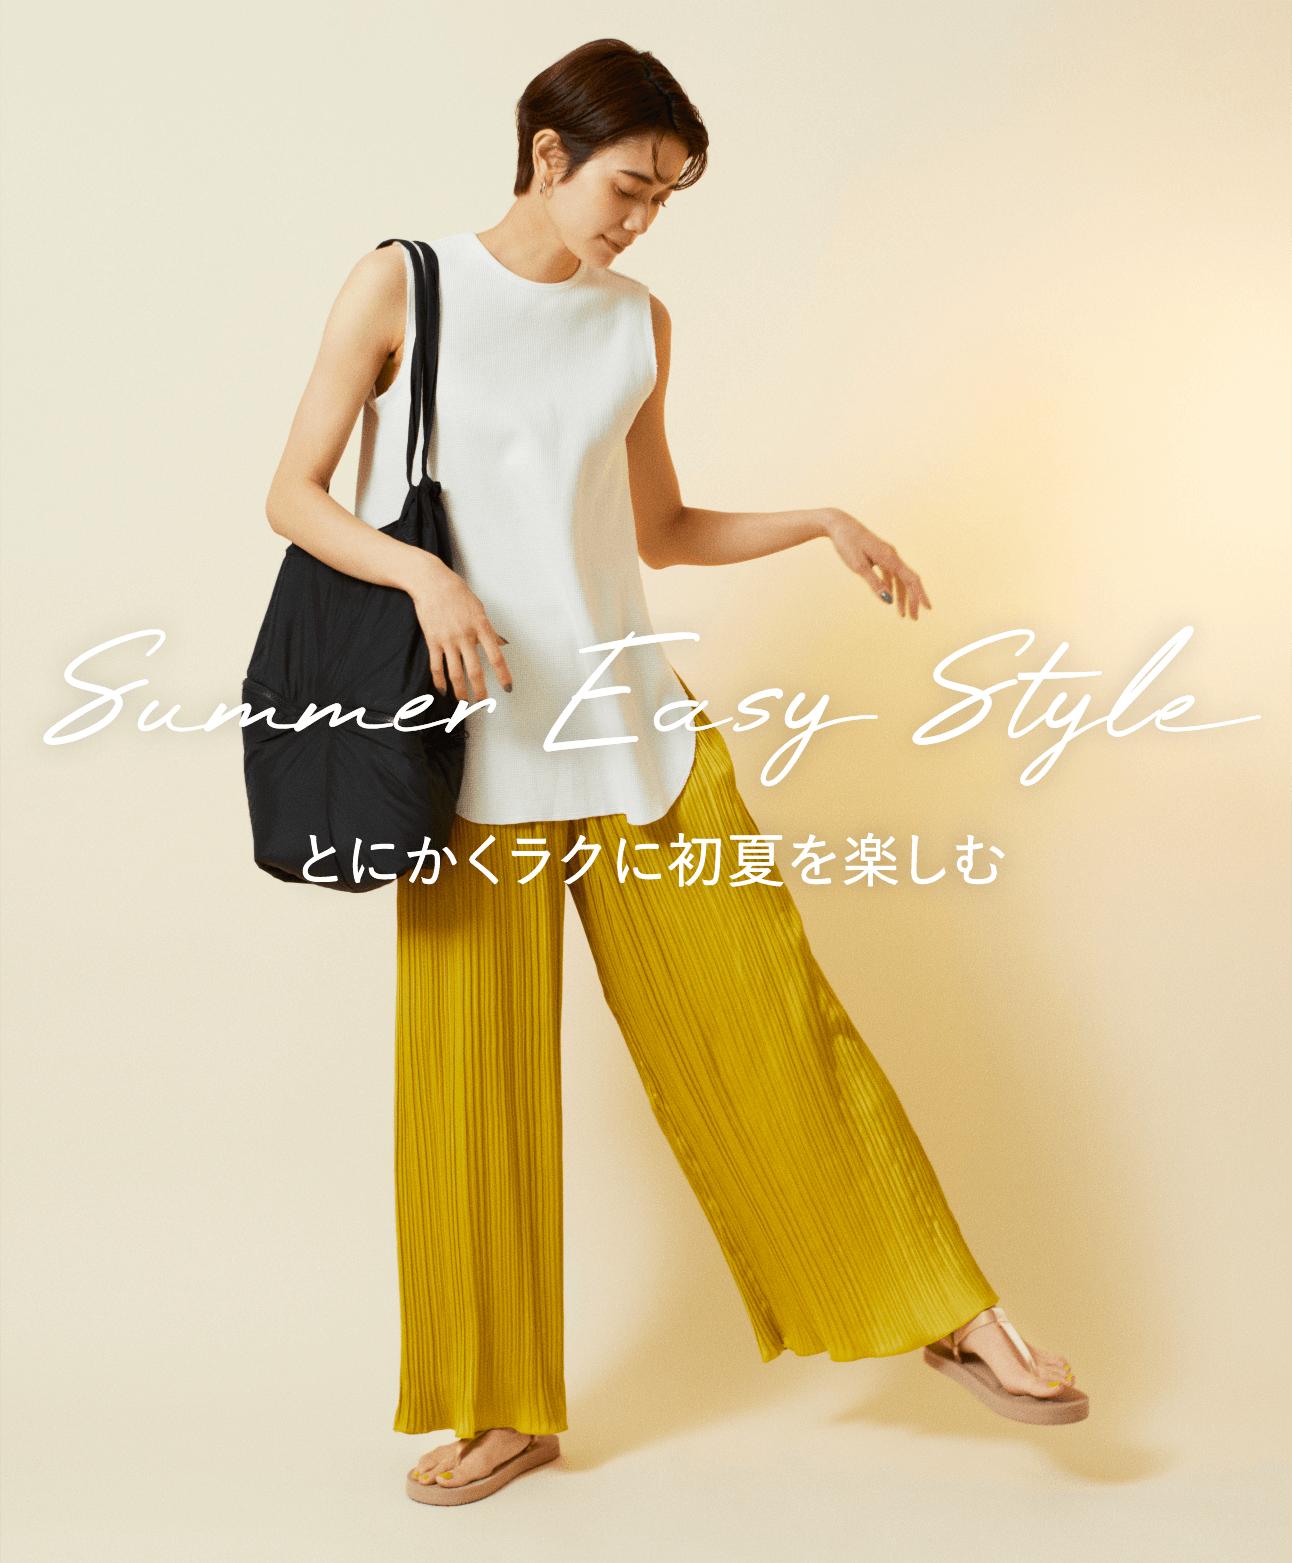 Summer Easy Style とにかくラクに初夏を楽しむ